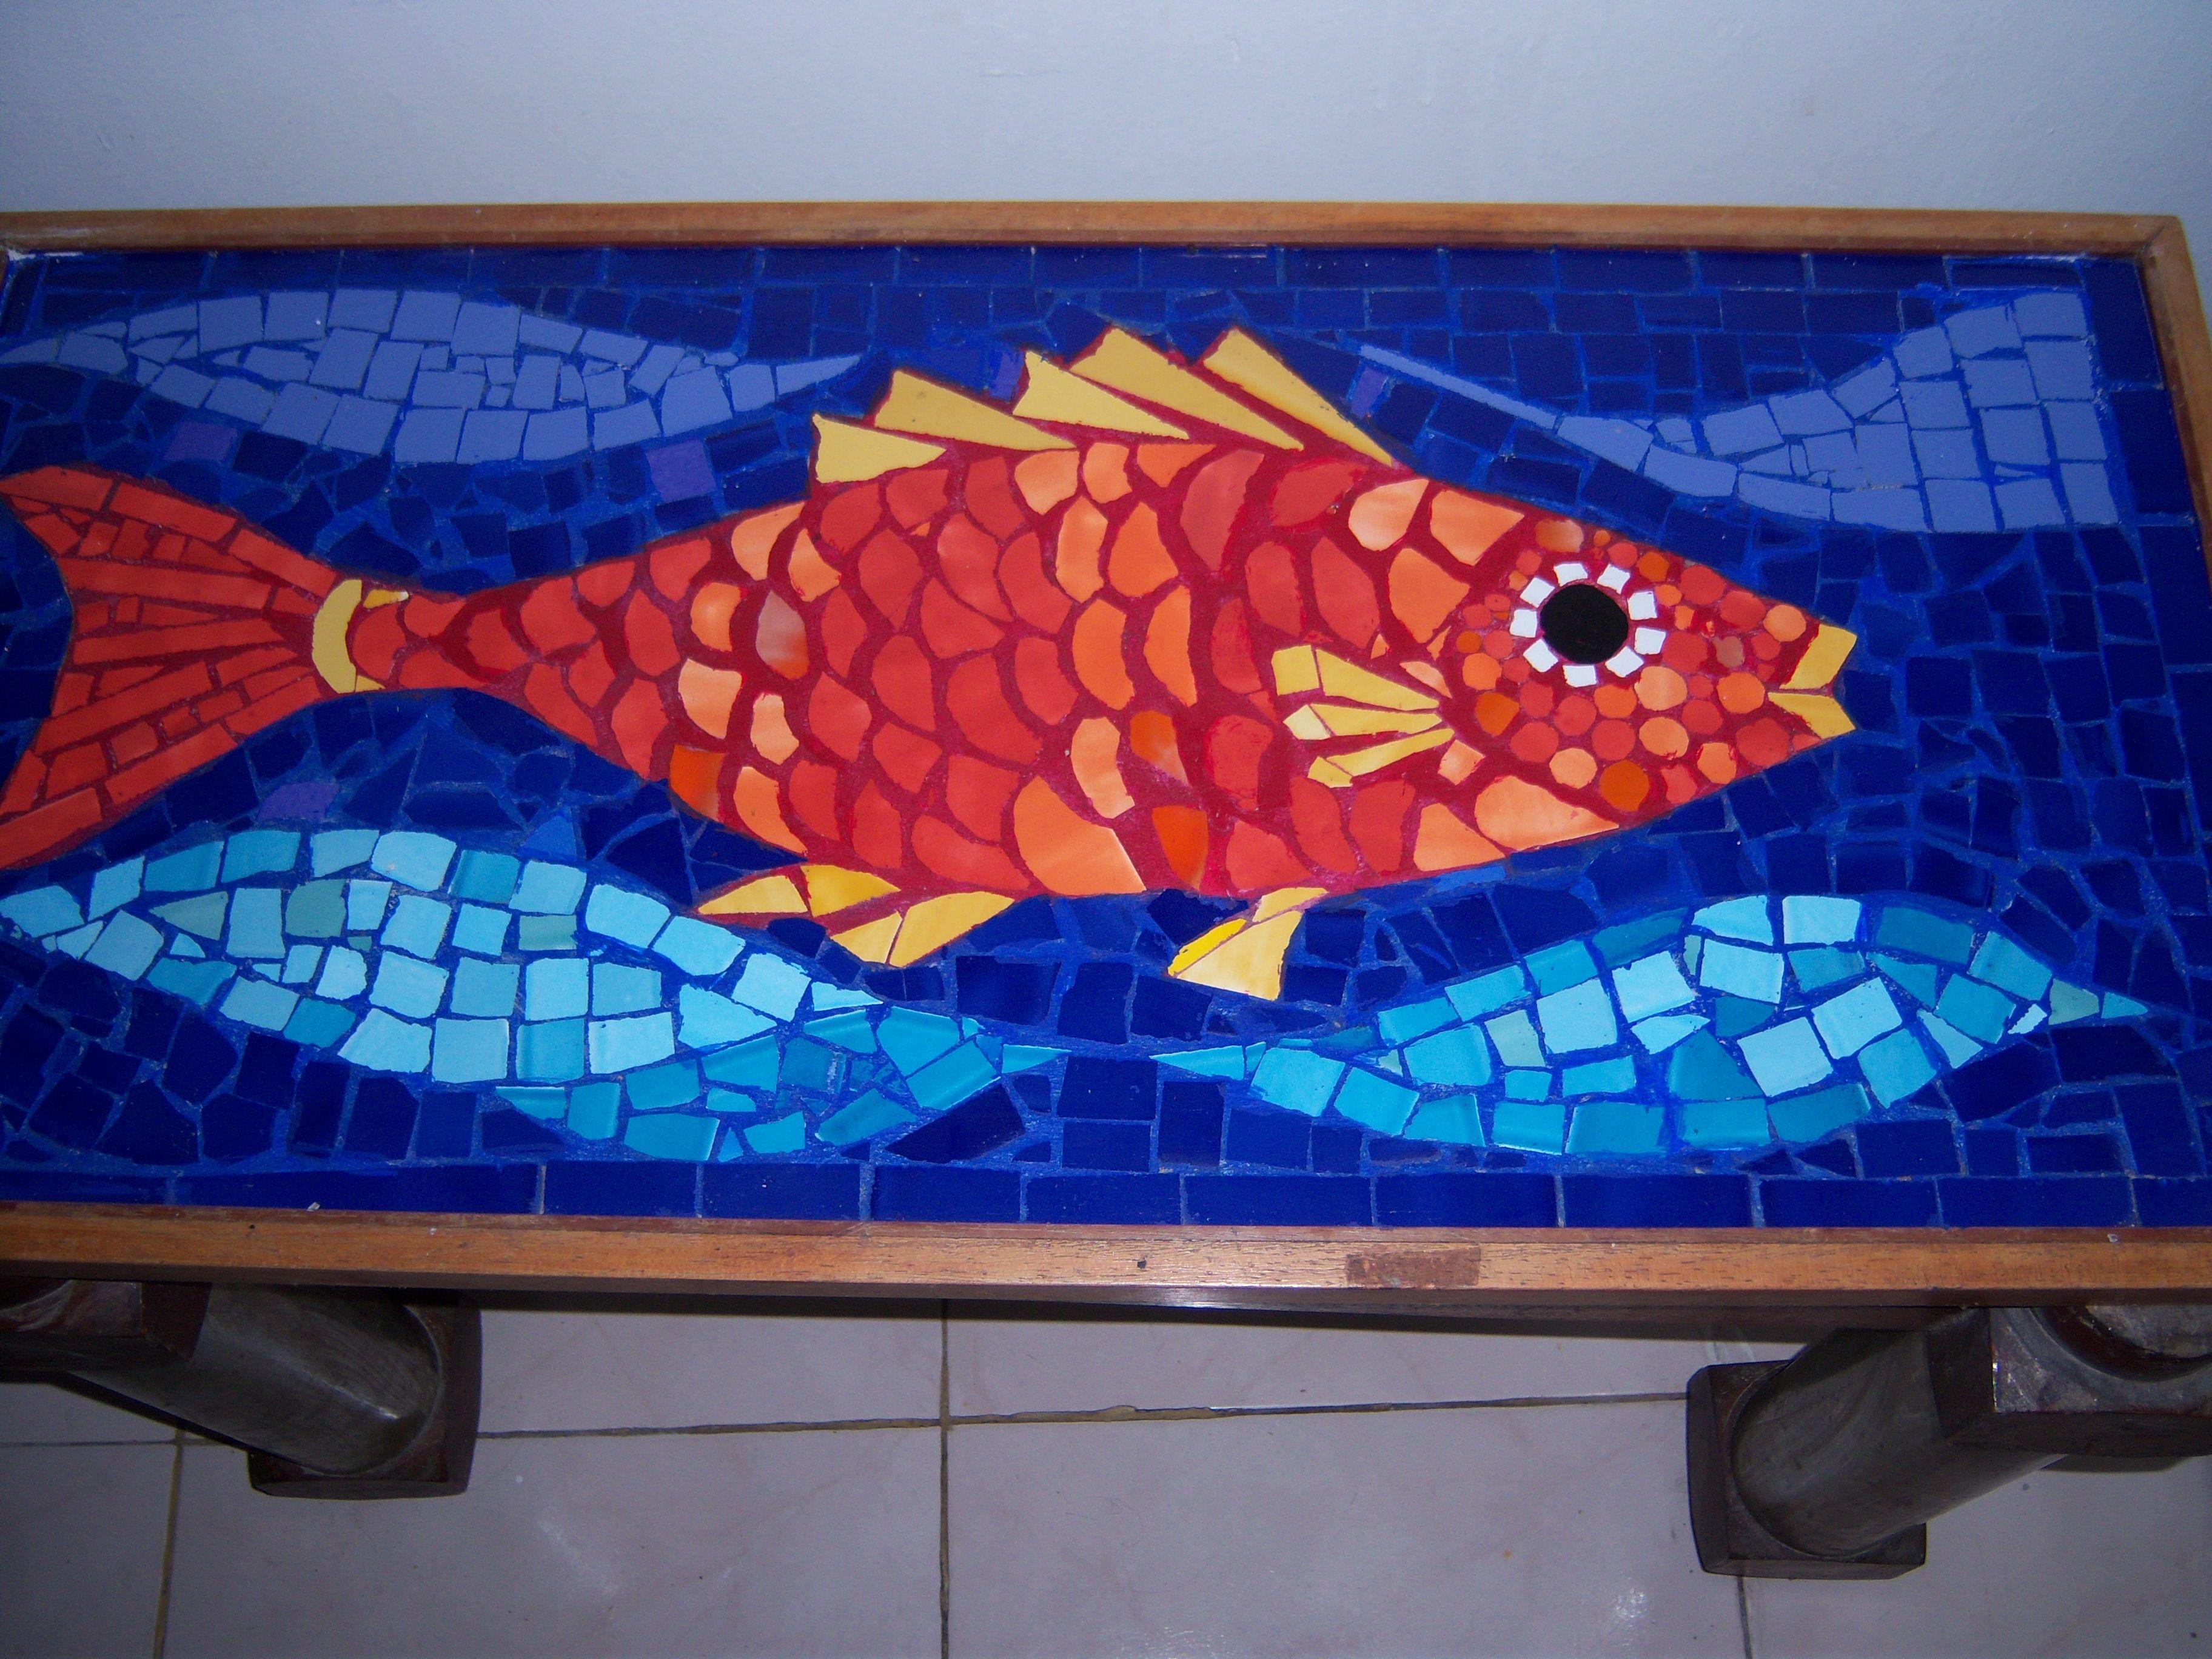 Base de mesa en mosaico con pez rojo seccionaurea05 for Mesas de mosaico